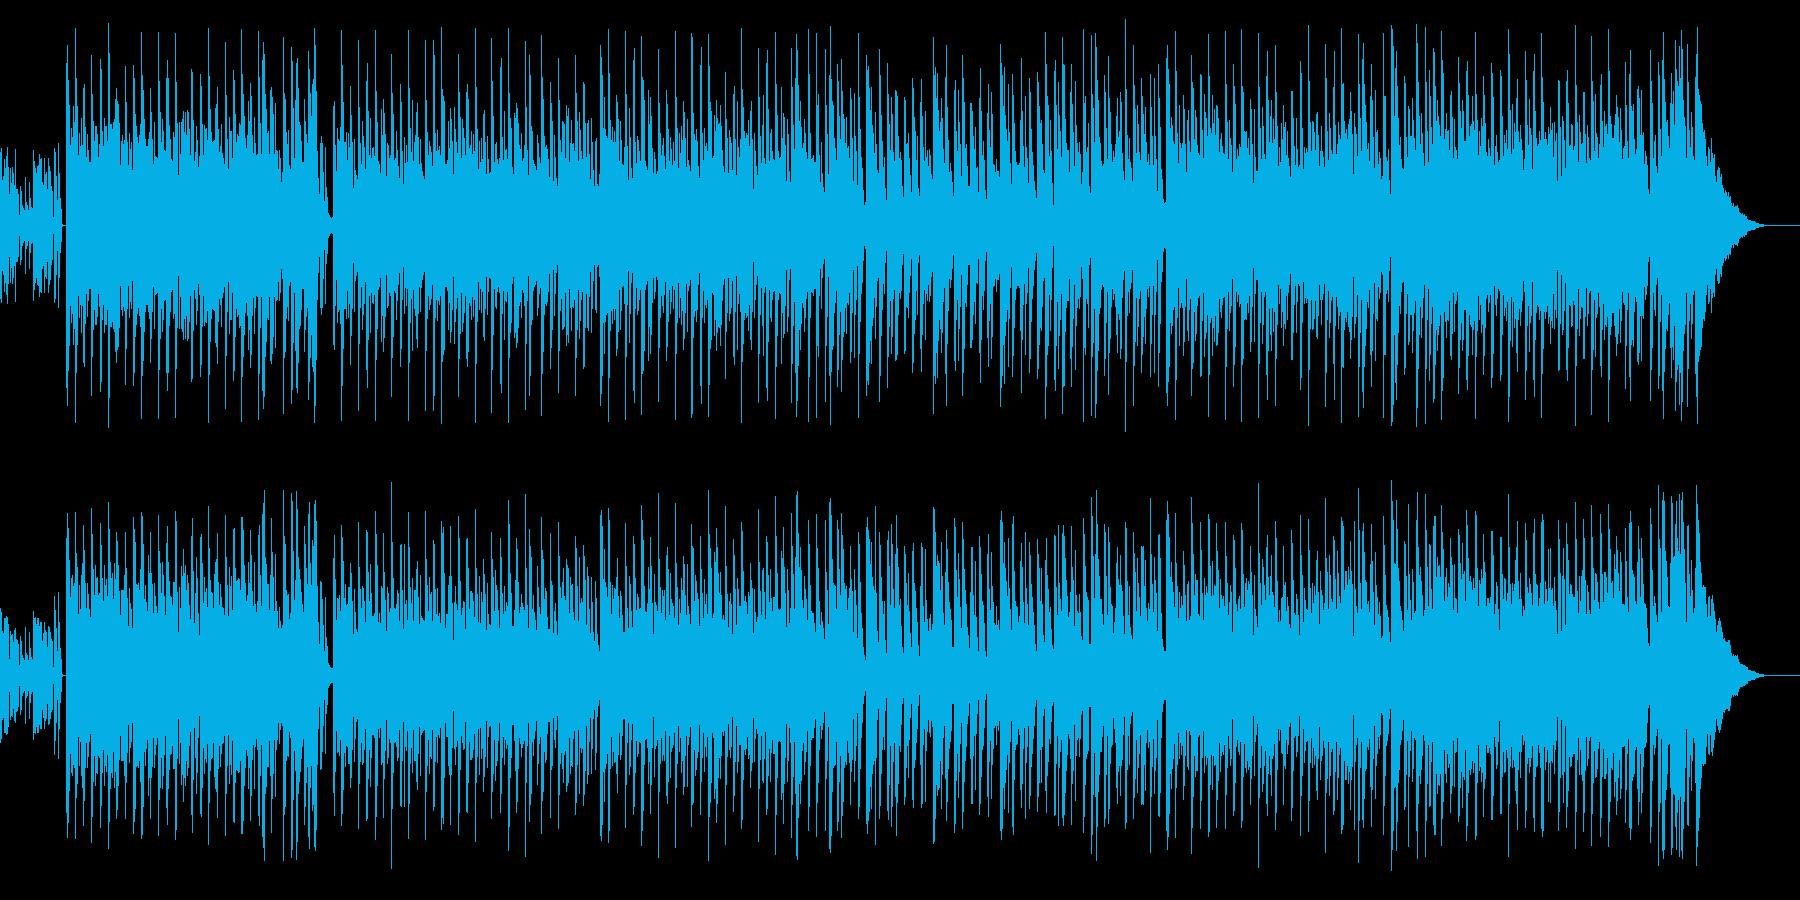 日常シーンぽい夏っぽいポップなBGMの再生済みの波形